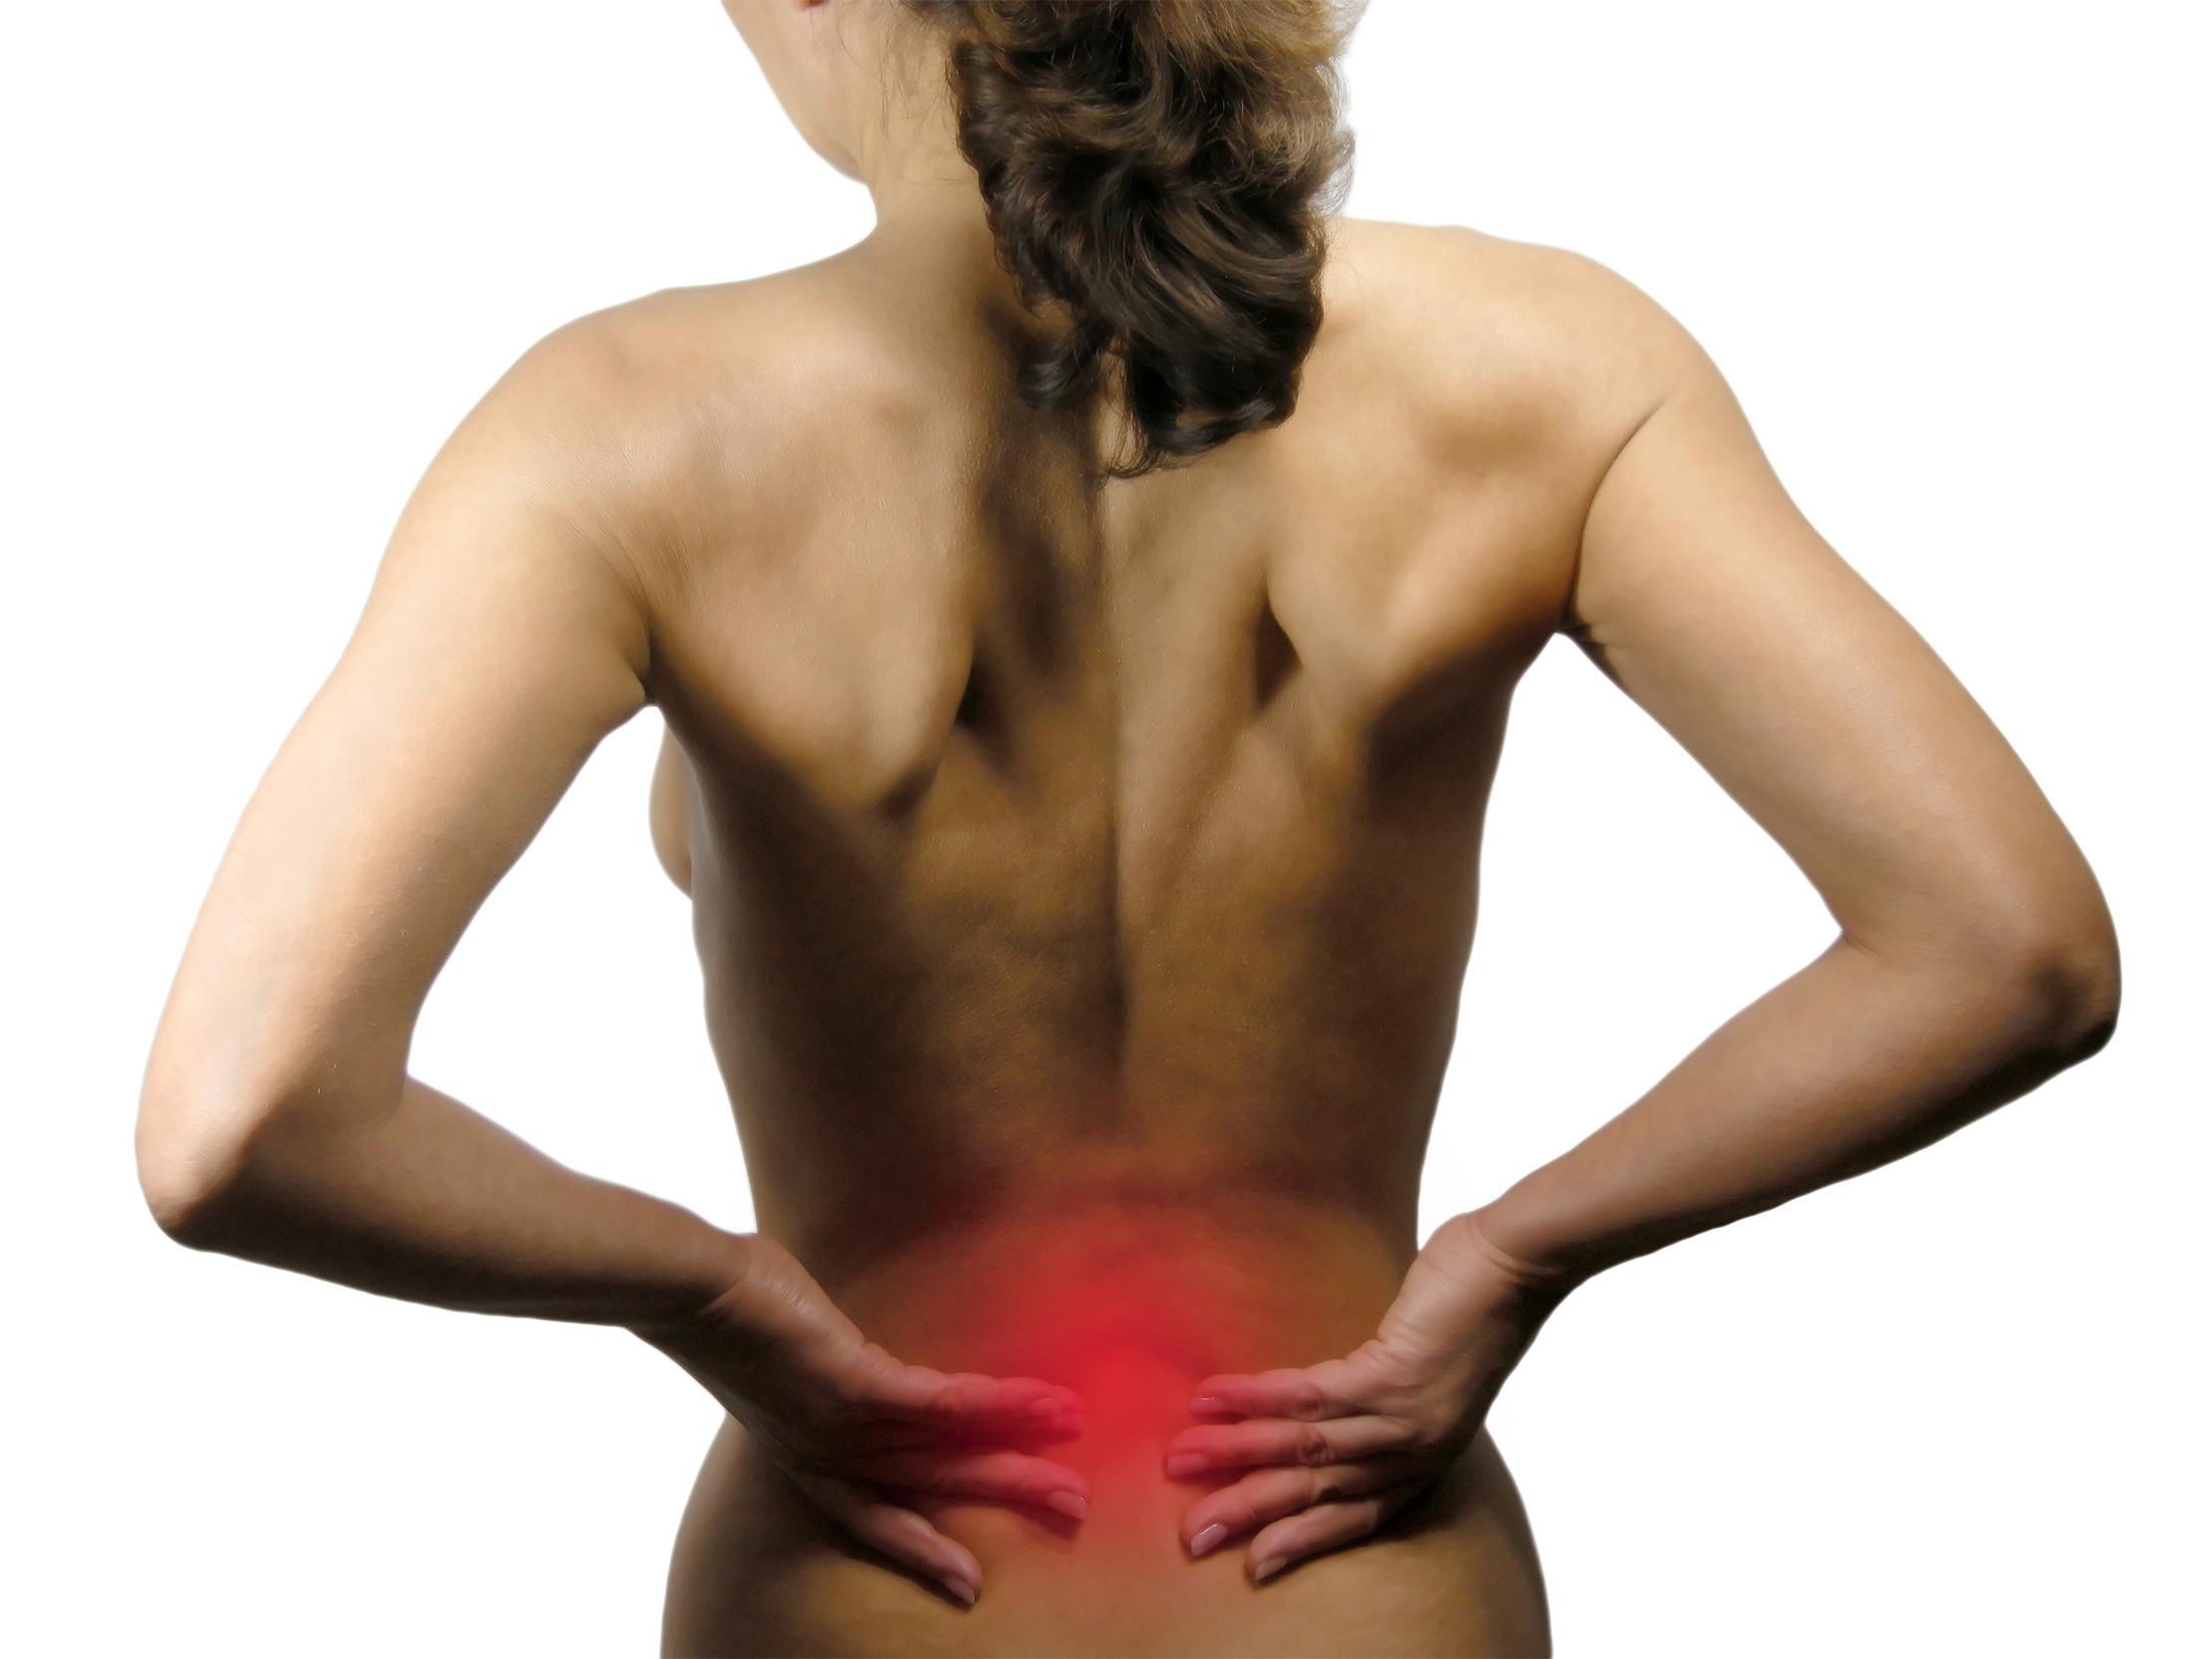 Omeopatia e mal di schiena, risultati incoraggianti